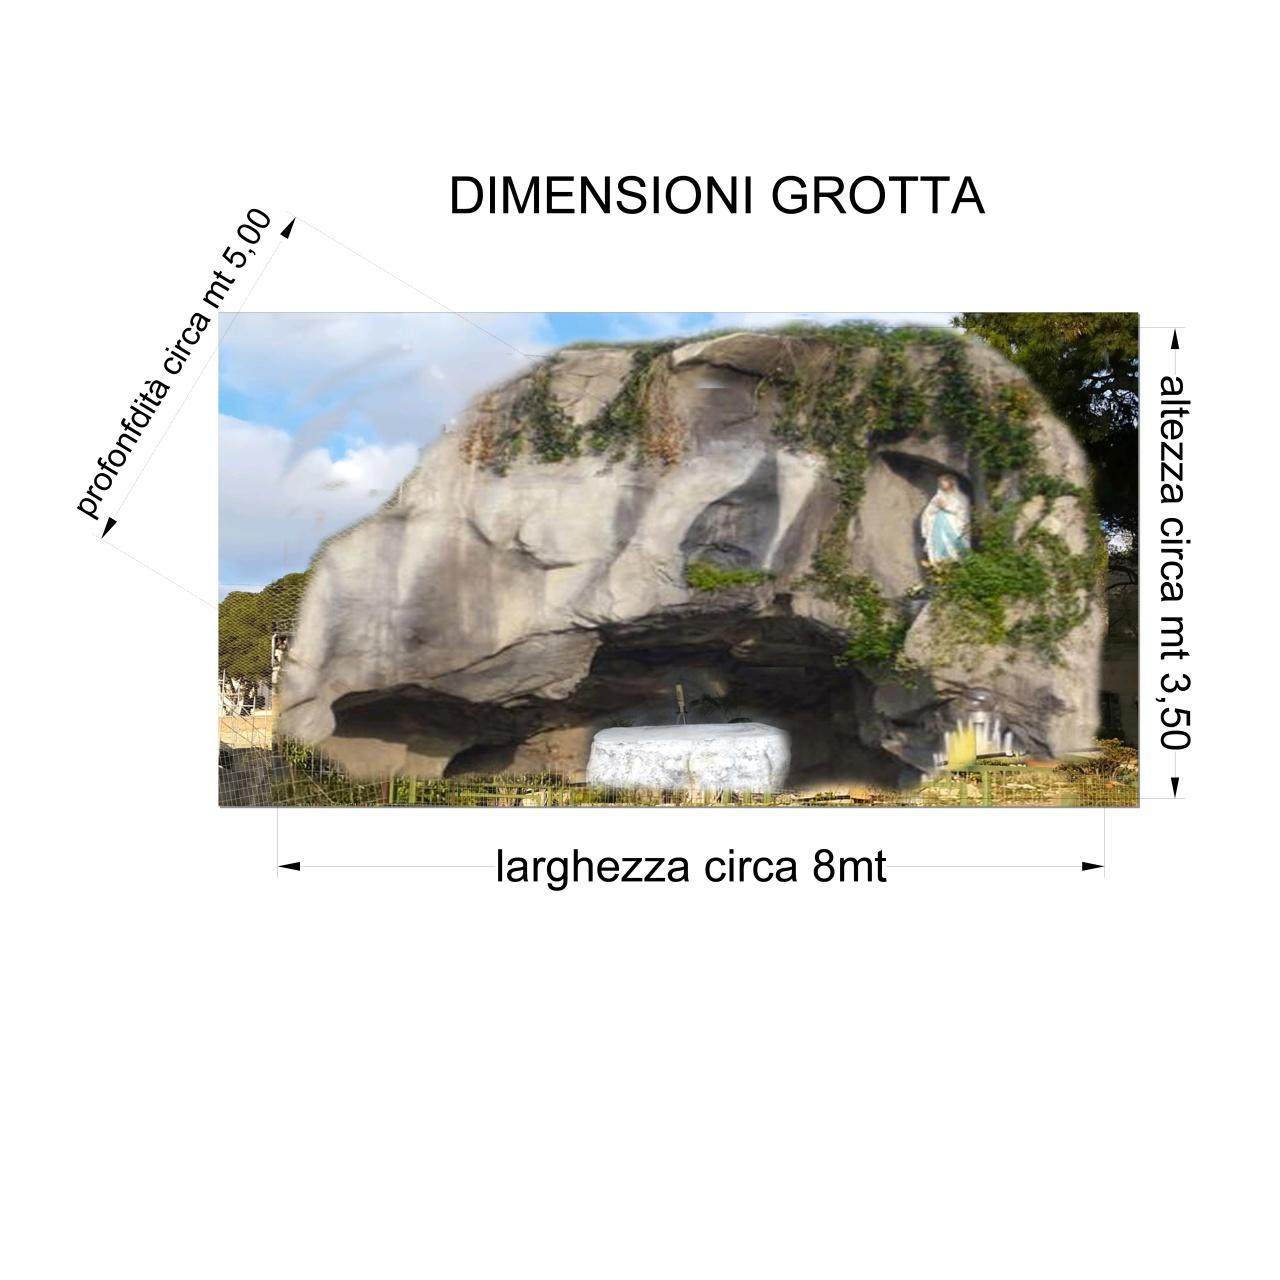 dimensioni grotta